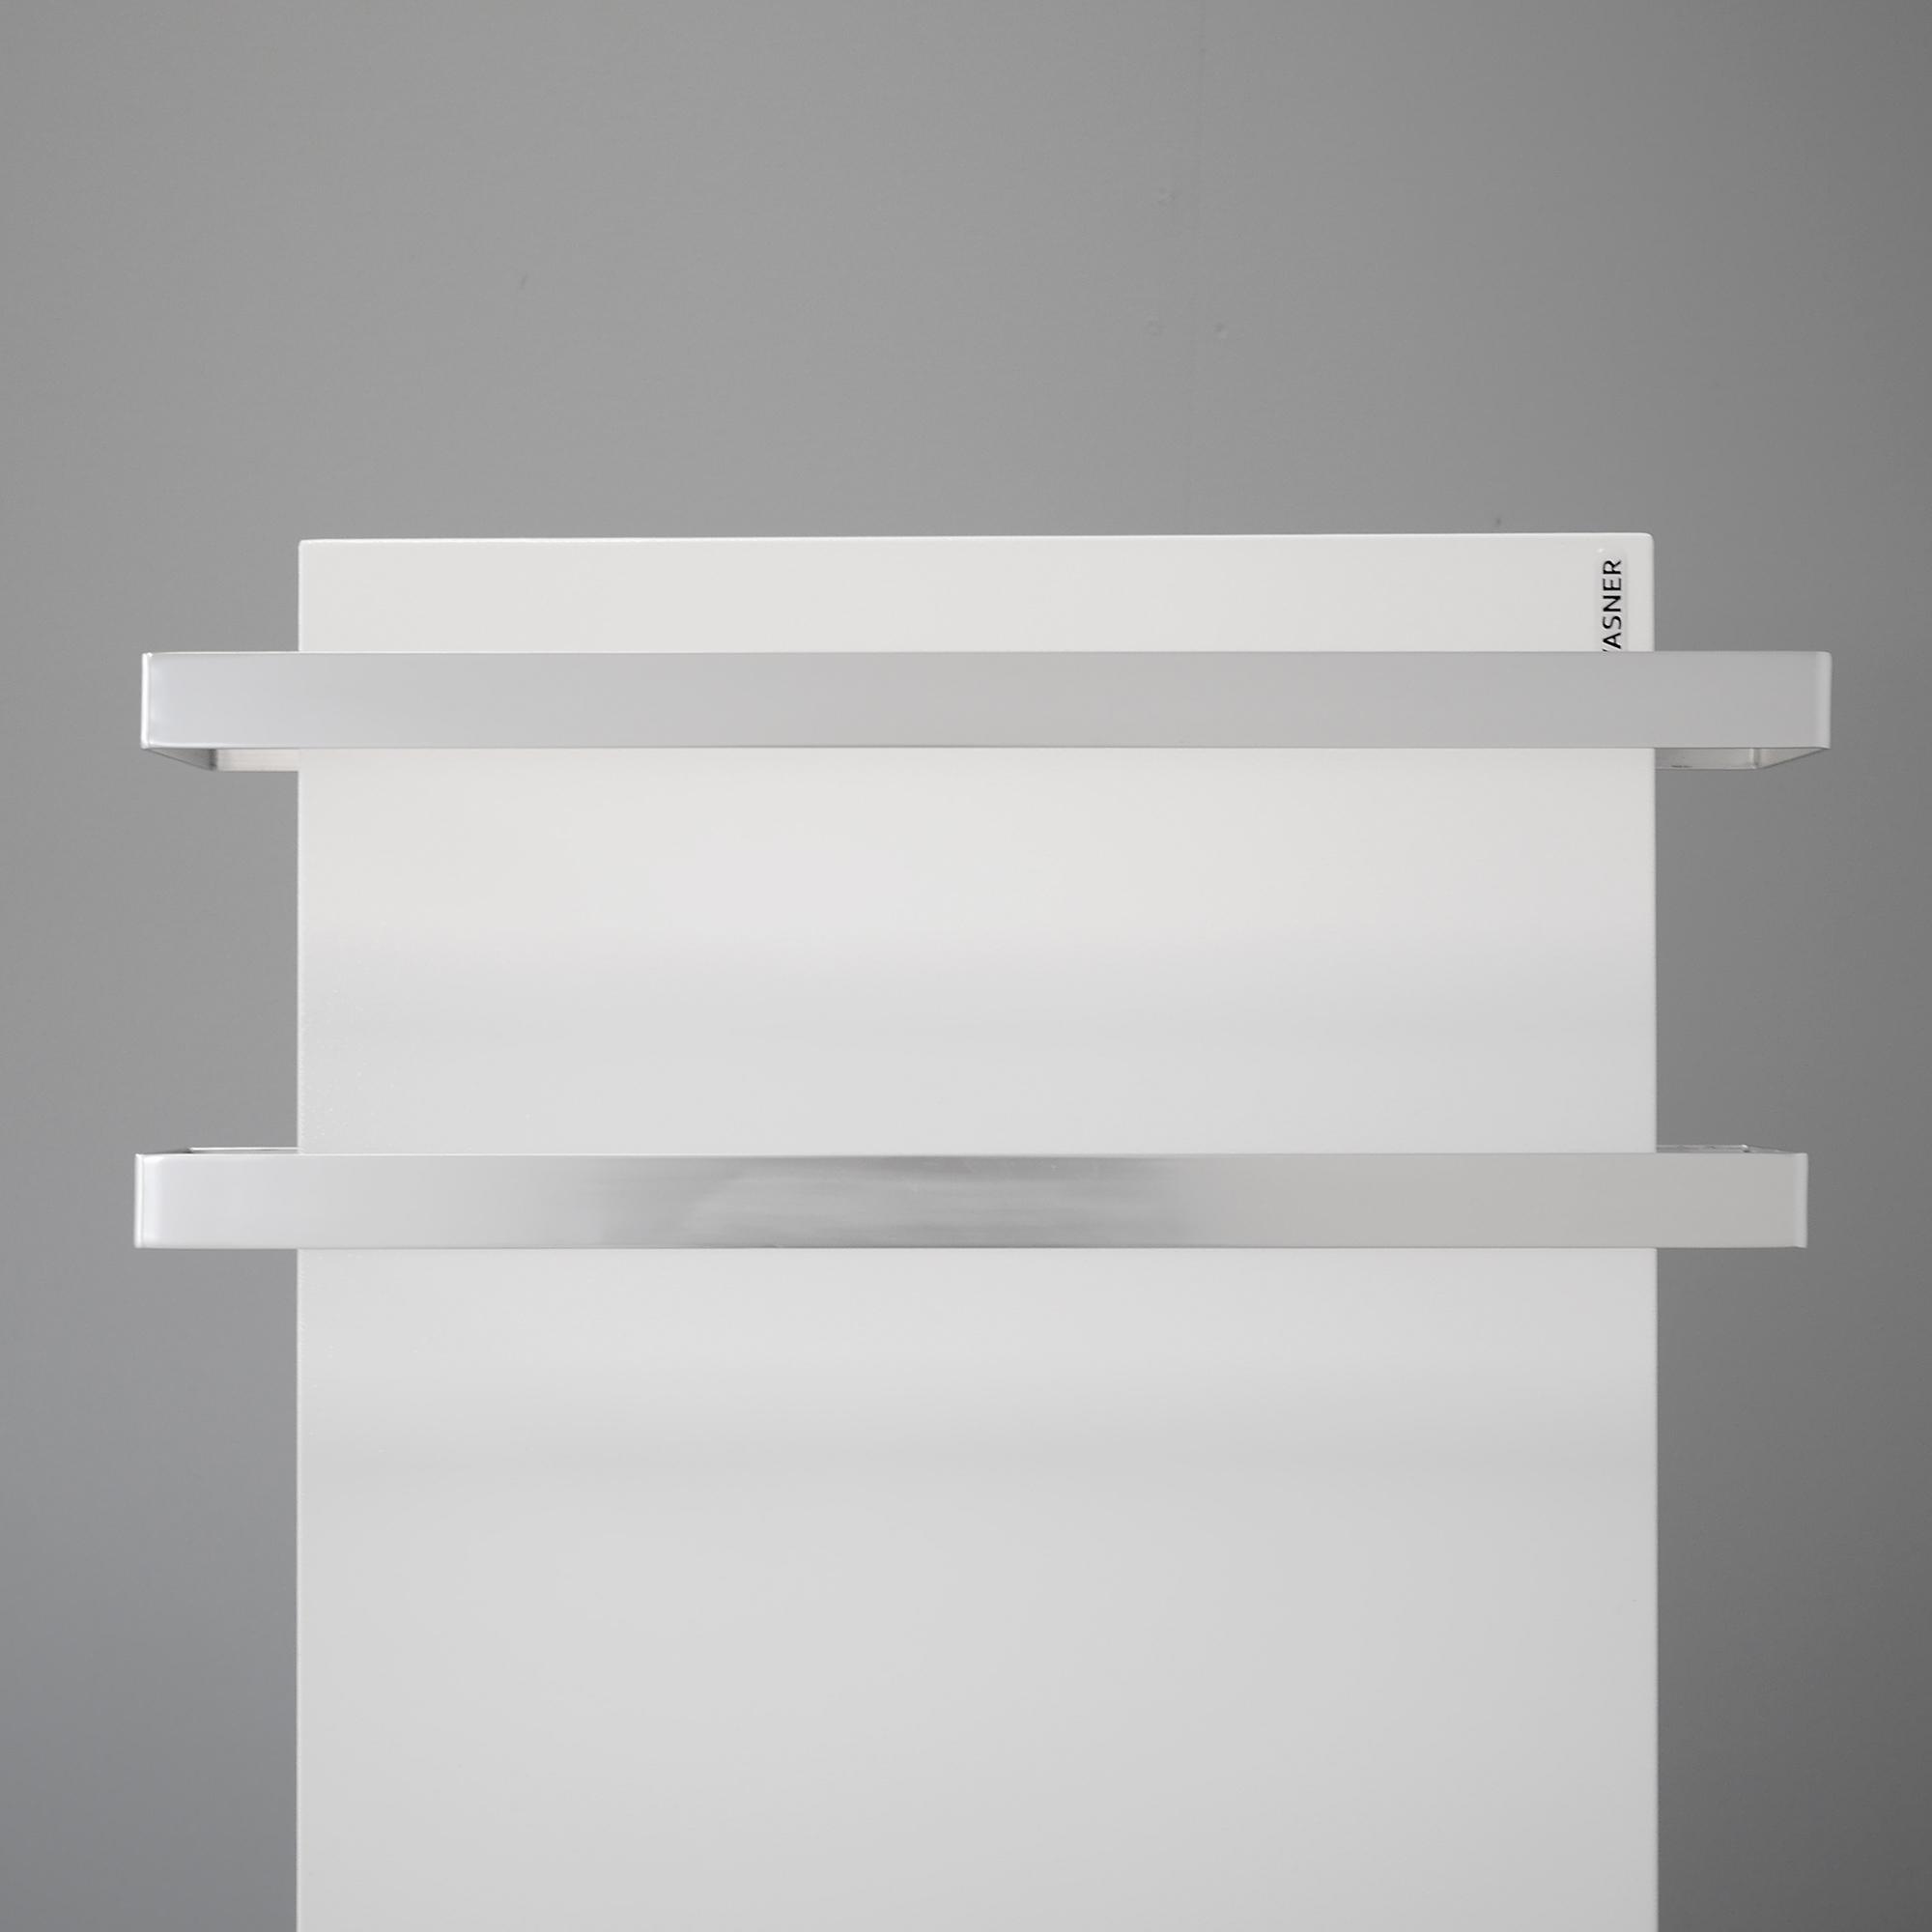 Full Size of Vasner Infrarot Handtuchtrockner Infrarotheizung Citara Heizkörper Für Bad Handtuchhalter Badezimmer Wohnzimmer Küche Elektroheizkörper Wohnzimmer Handtuchhalter Heizkörper